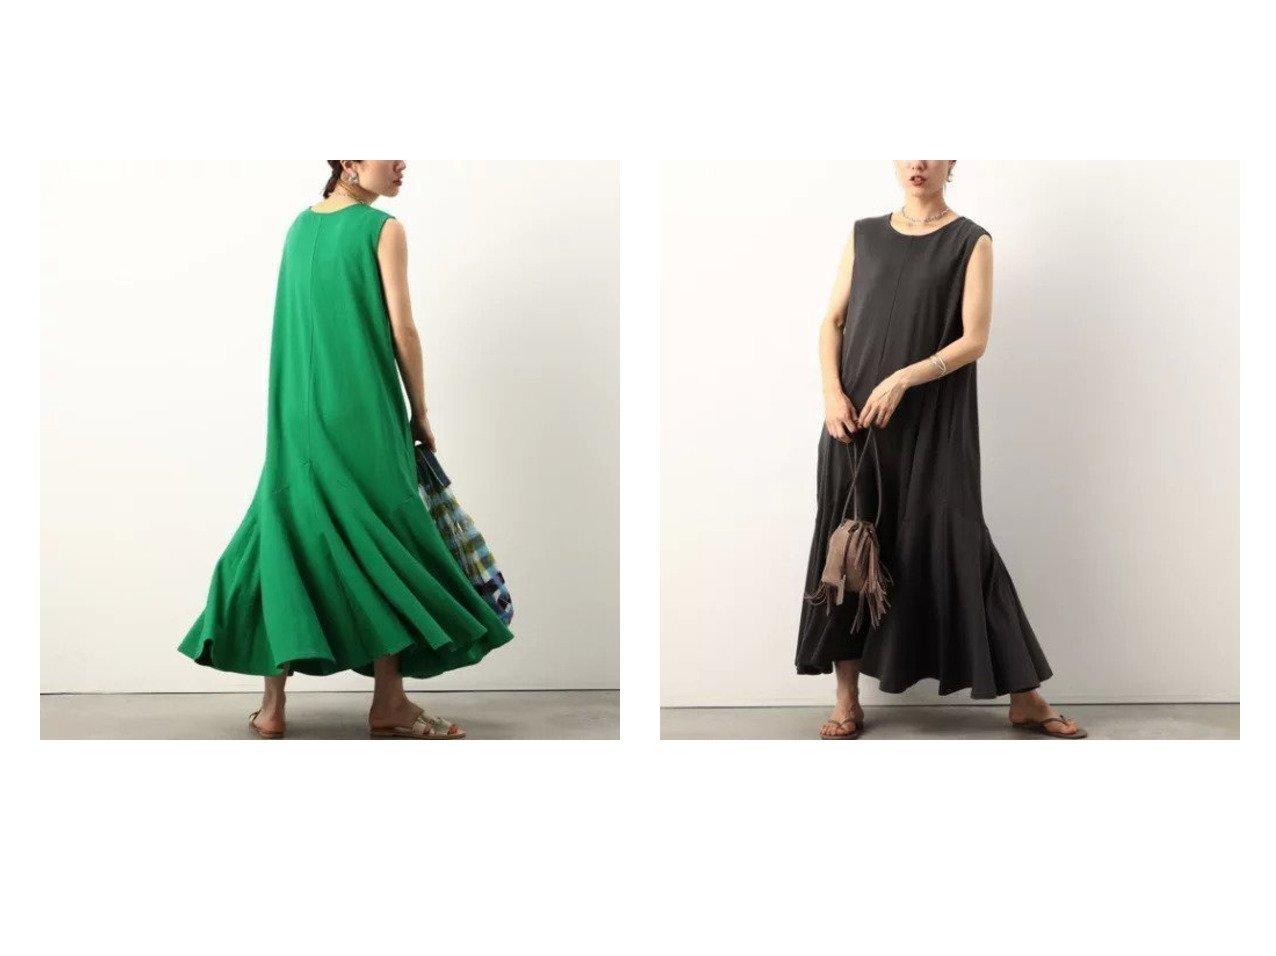 【NOLLEY'S/ノーリーズ】の裾フレアノースリーブマキシワンピース 【ワンピース・ドレス】おすすめ!人気、トレンド・レディースファッションの通販 おすすめで人気の流行・トレンド、ファッションの通販商品 インテリア・家具・メンズファッション・キッズファッション・レディースファッション・服の通販 founy(ファニー) https://founy.com/ ファッション Fashion レディースファッション WOMEN ワンピース Dress マキシワンピース Maxi Dress ノースリーブ フレア ポケット マキシ リゾート 夏 Summer  ID:crp329100000056872